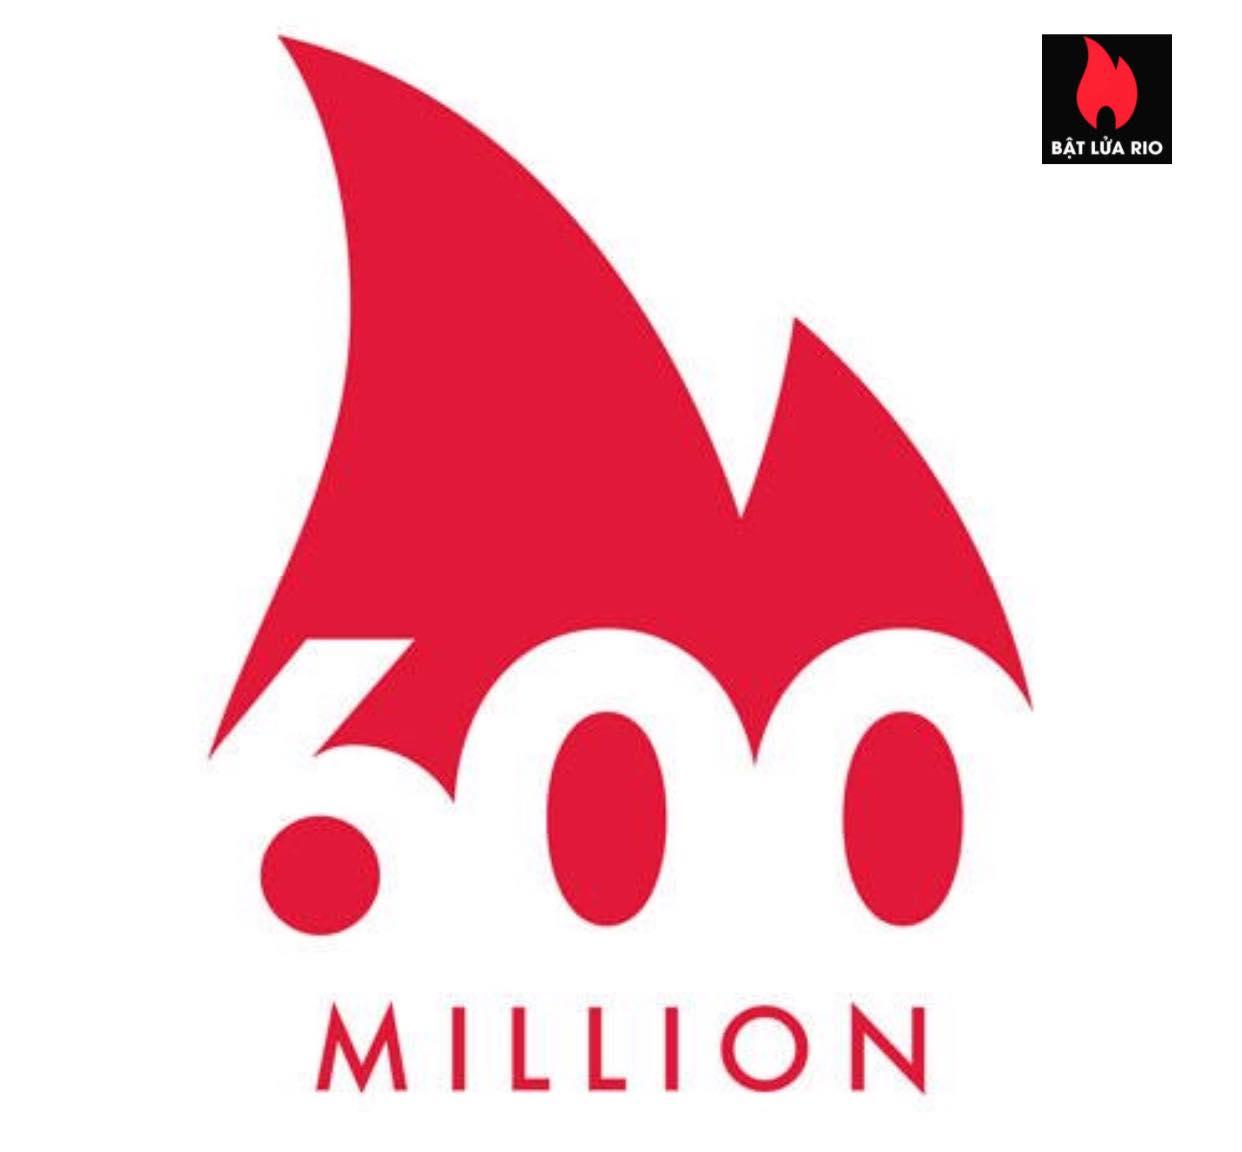 Chiếc bật lửa Zippo thứ 600 triệu trong lịch sử 8